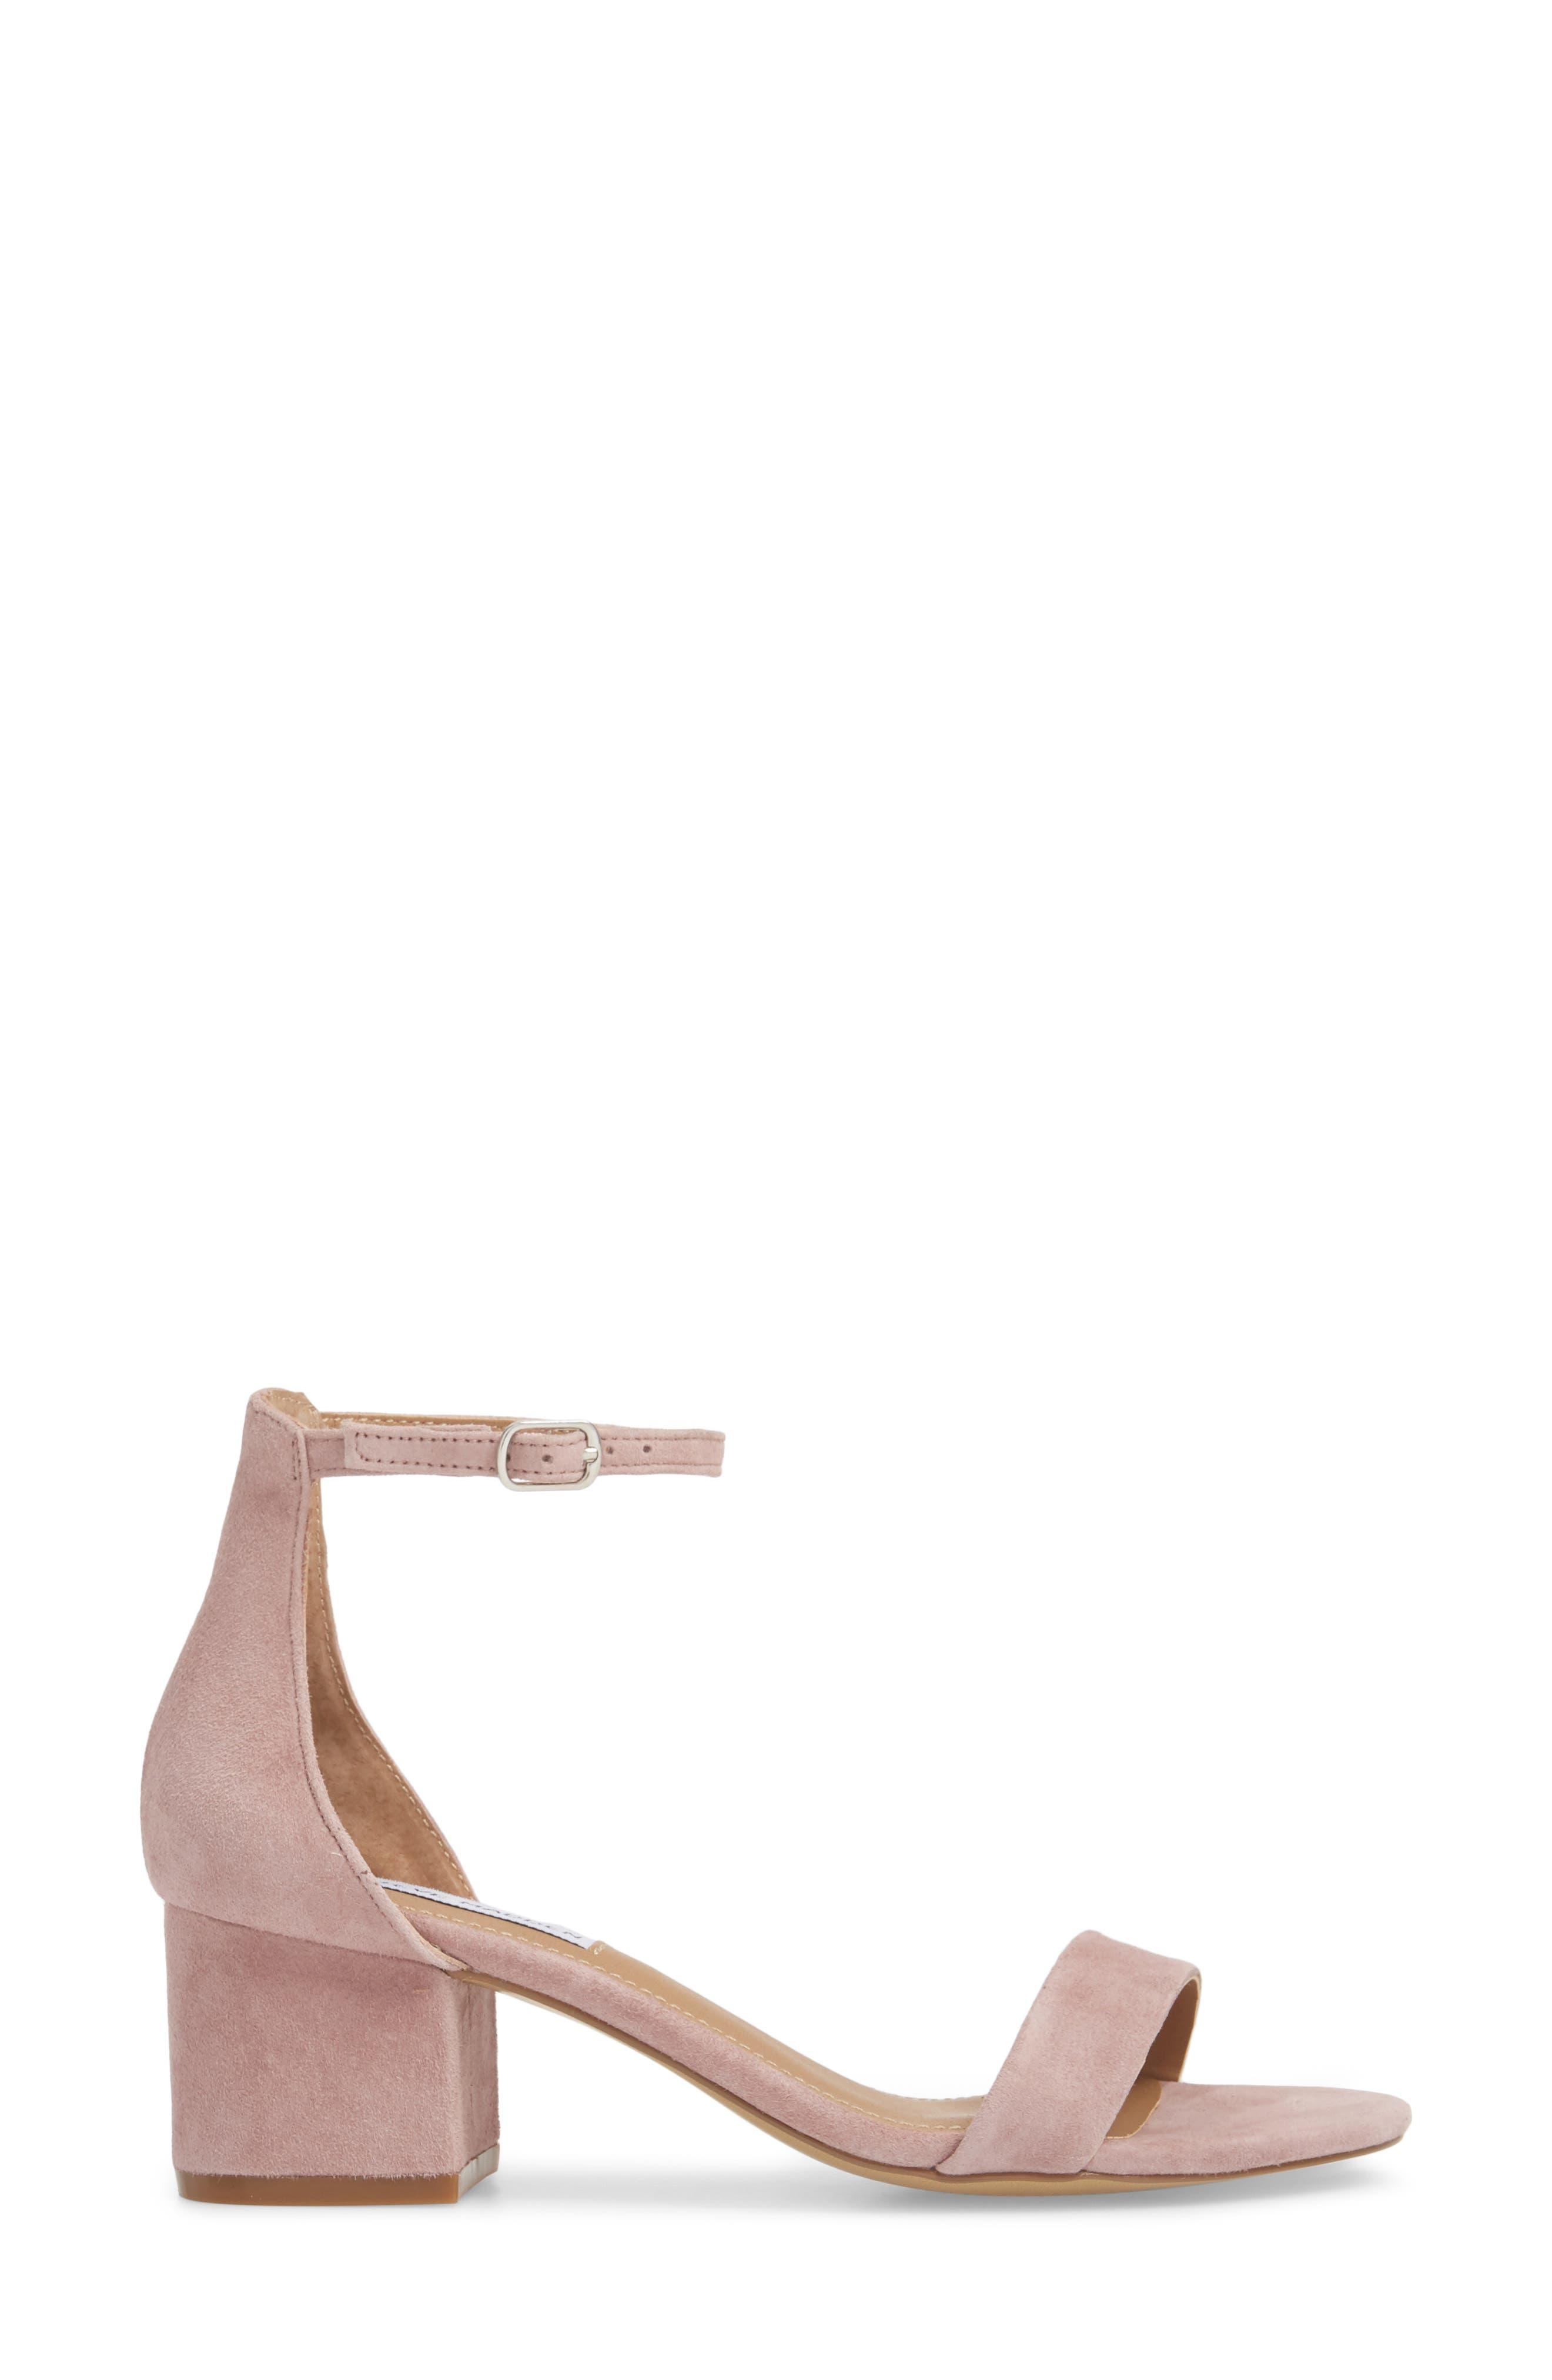 Irenee Ankle Strap Sandal,                             Alternate thumbnail 69, color,